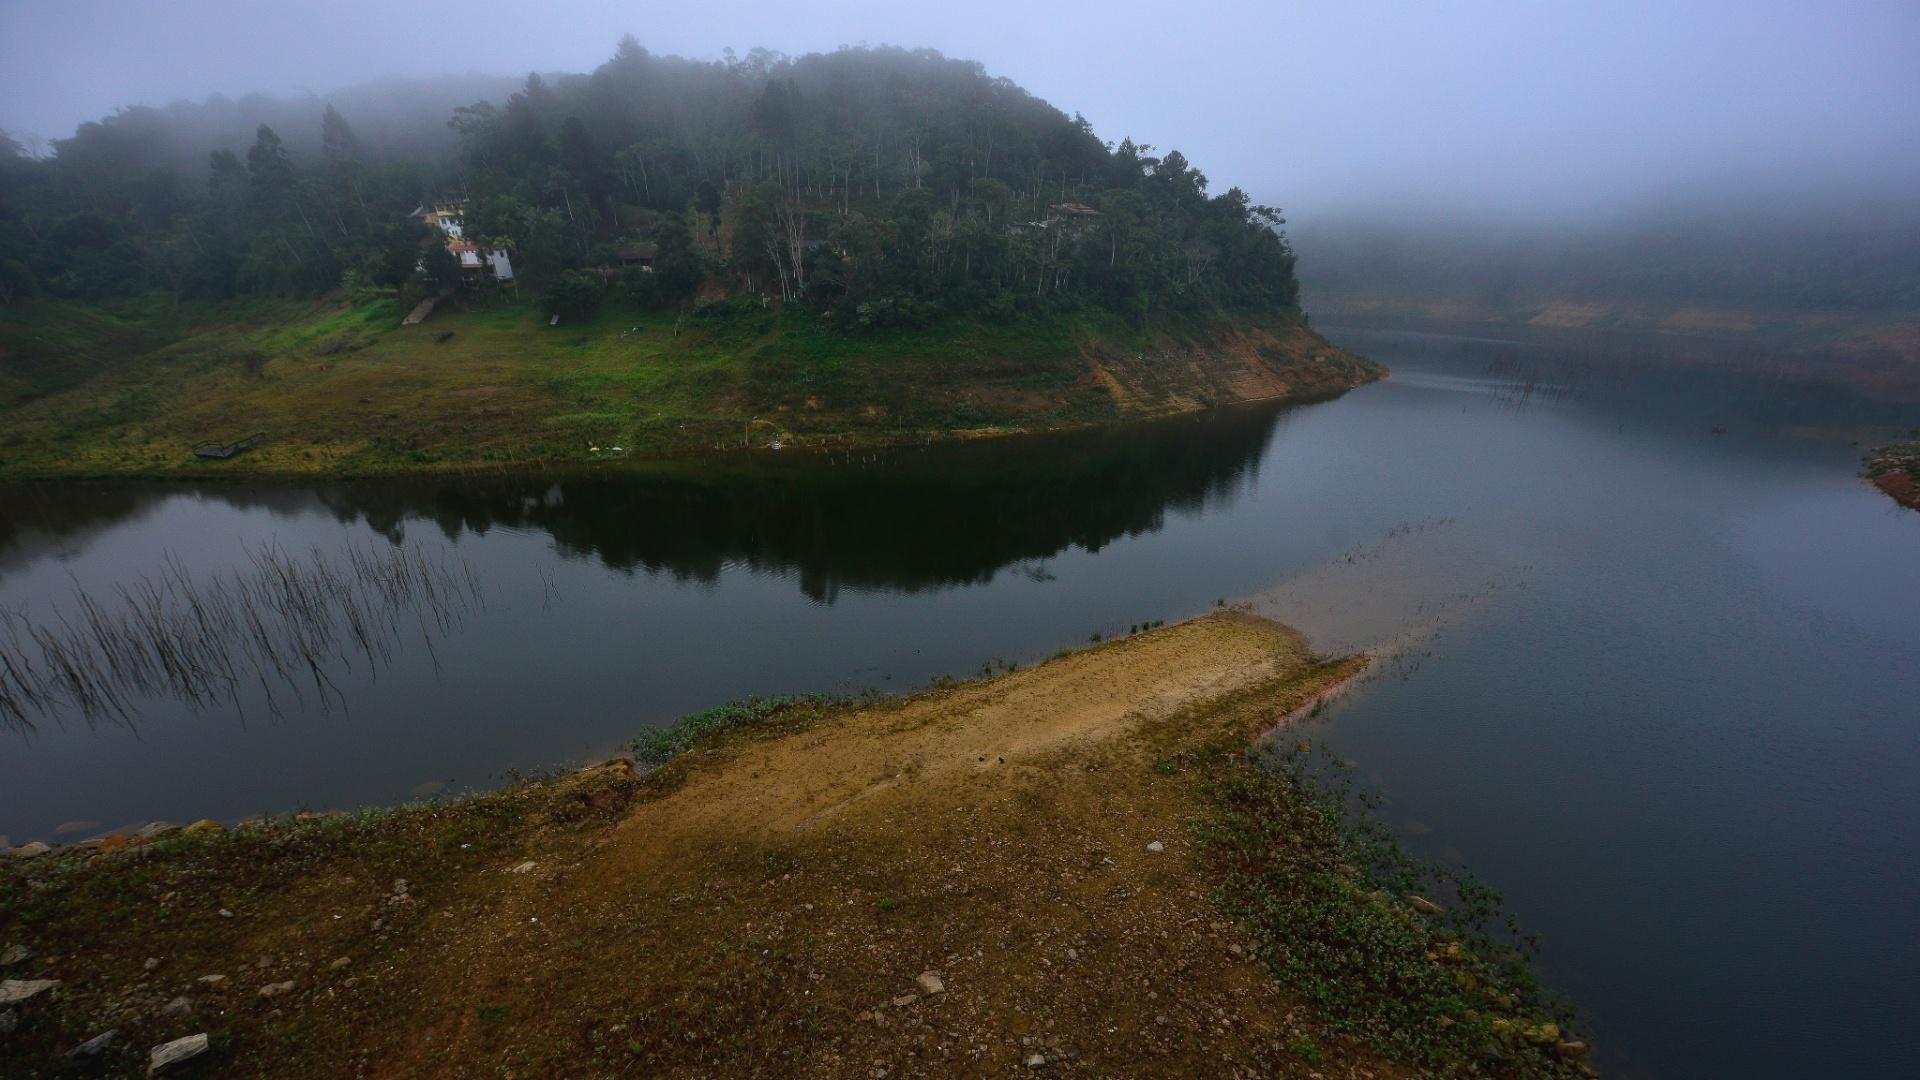 12.jun.2015 - Imagem mostra o nível baixo da represa de Paraibuna, que regula a vazão do rio Paraíba do Sul, responsável pelo fornecimento de água para várias cidades do Vale do Paraíba e do Estado do Rio de Janeiro, nesta sexta-feira (12)